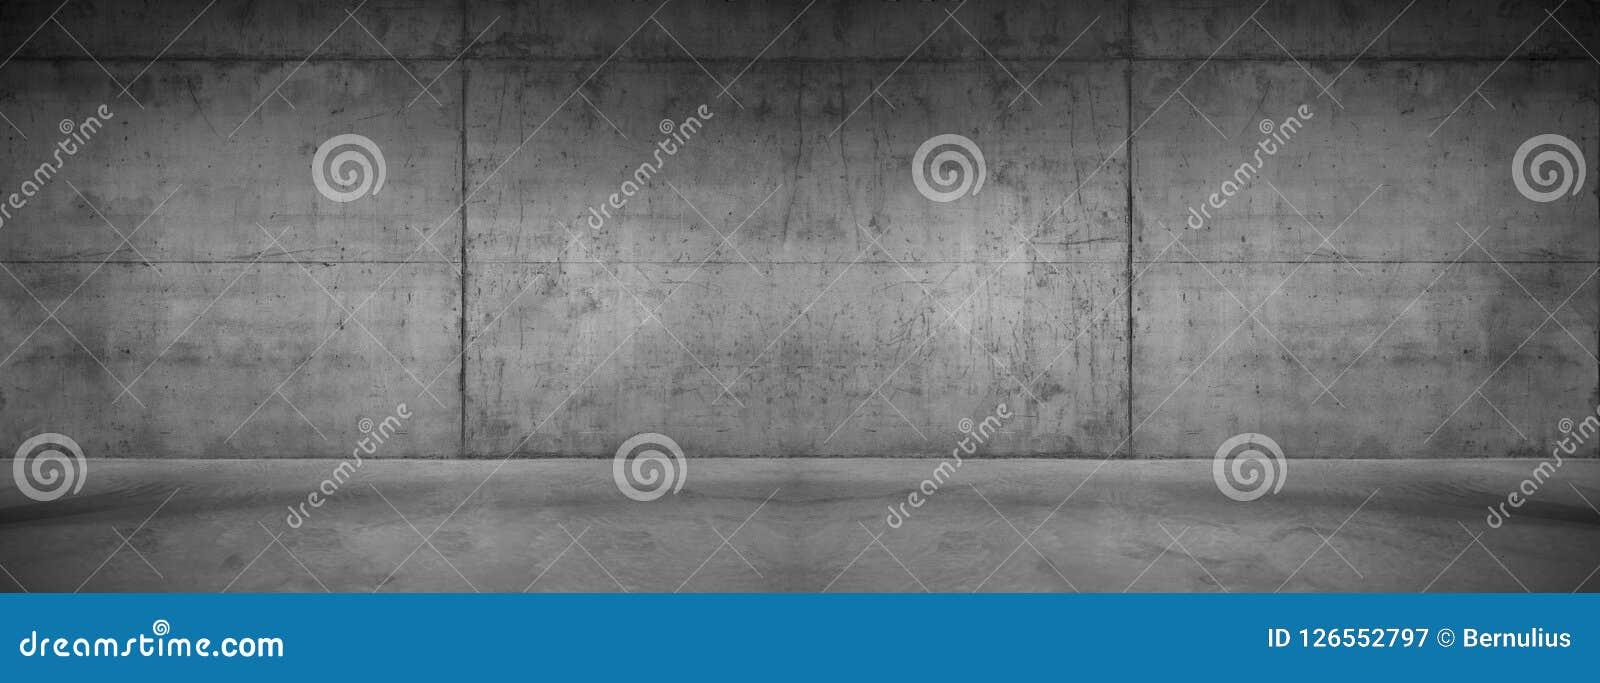 Textura moderna larga do fundo do panorama escuro do muro de cimento